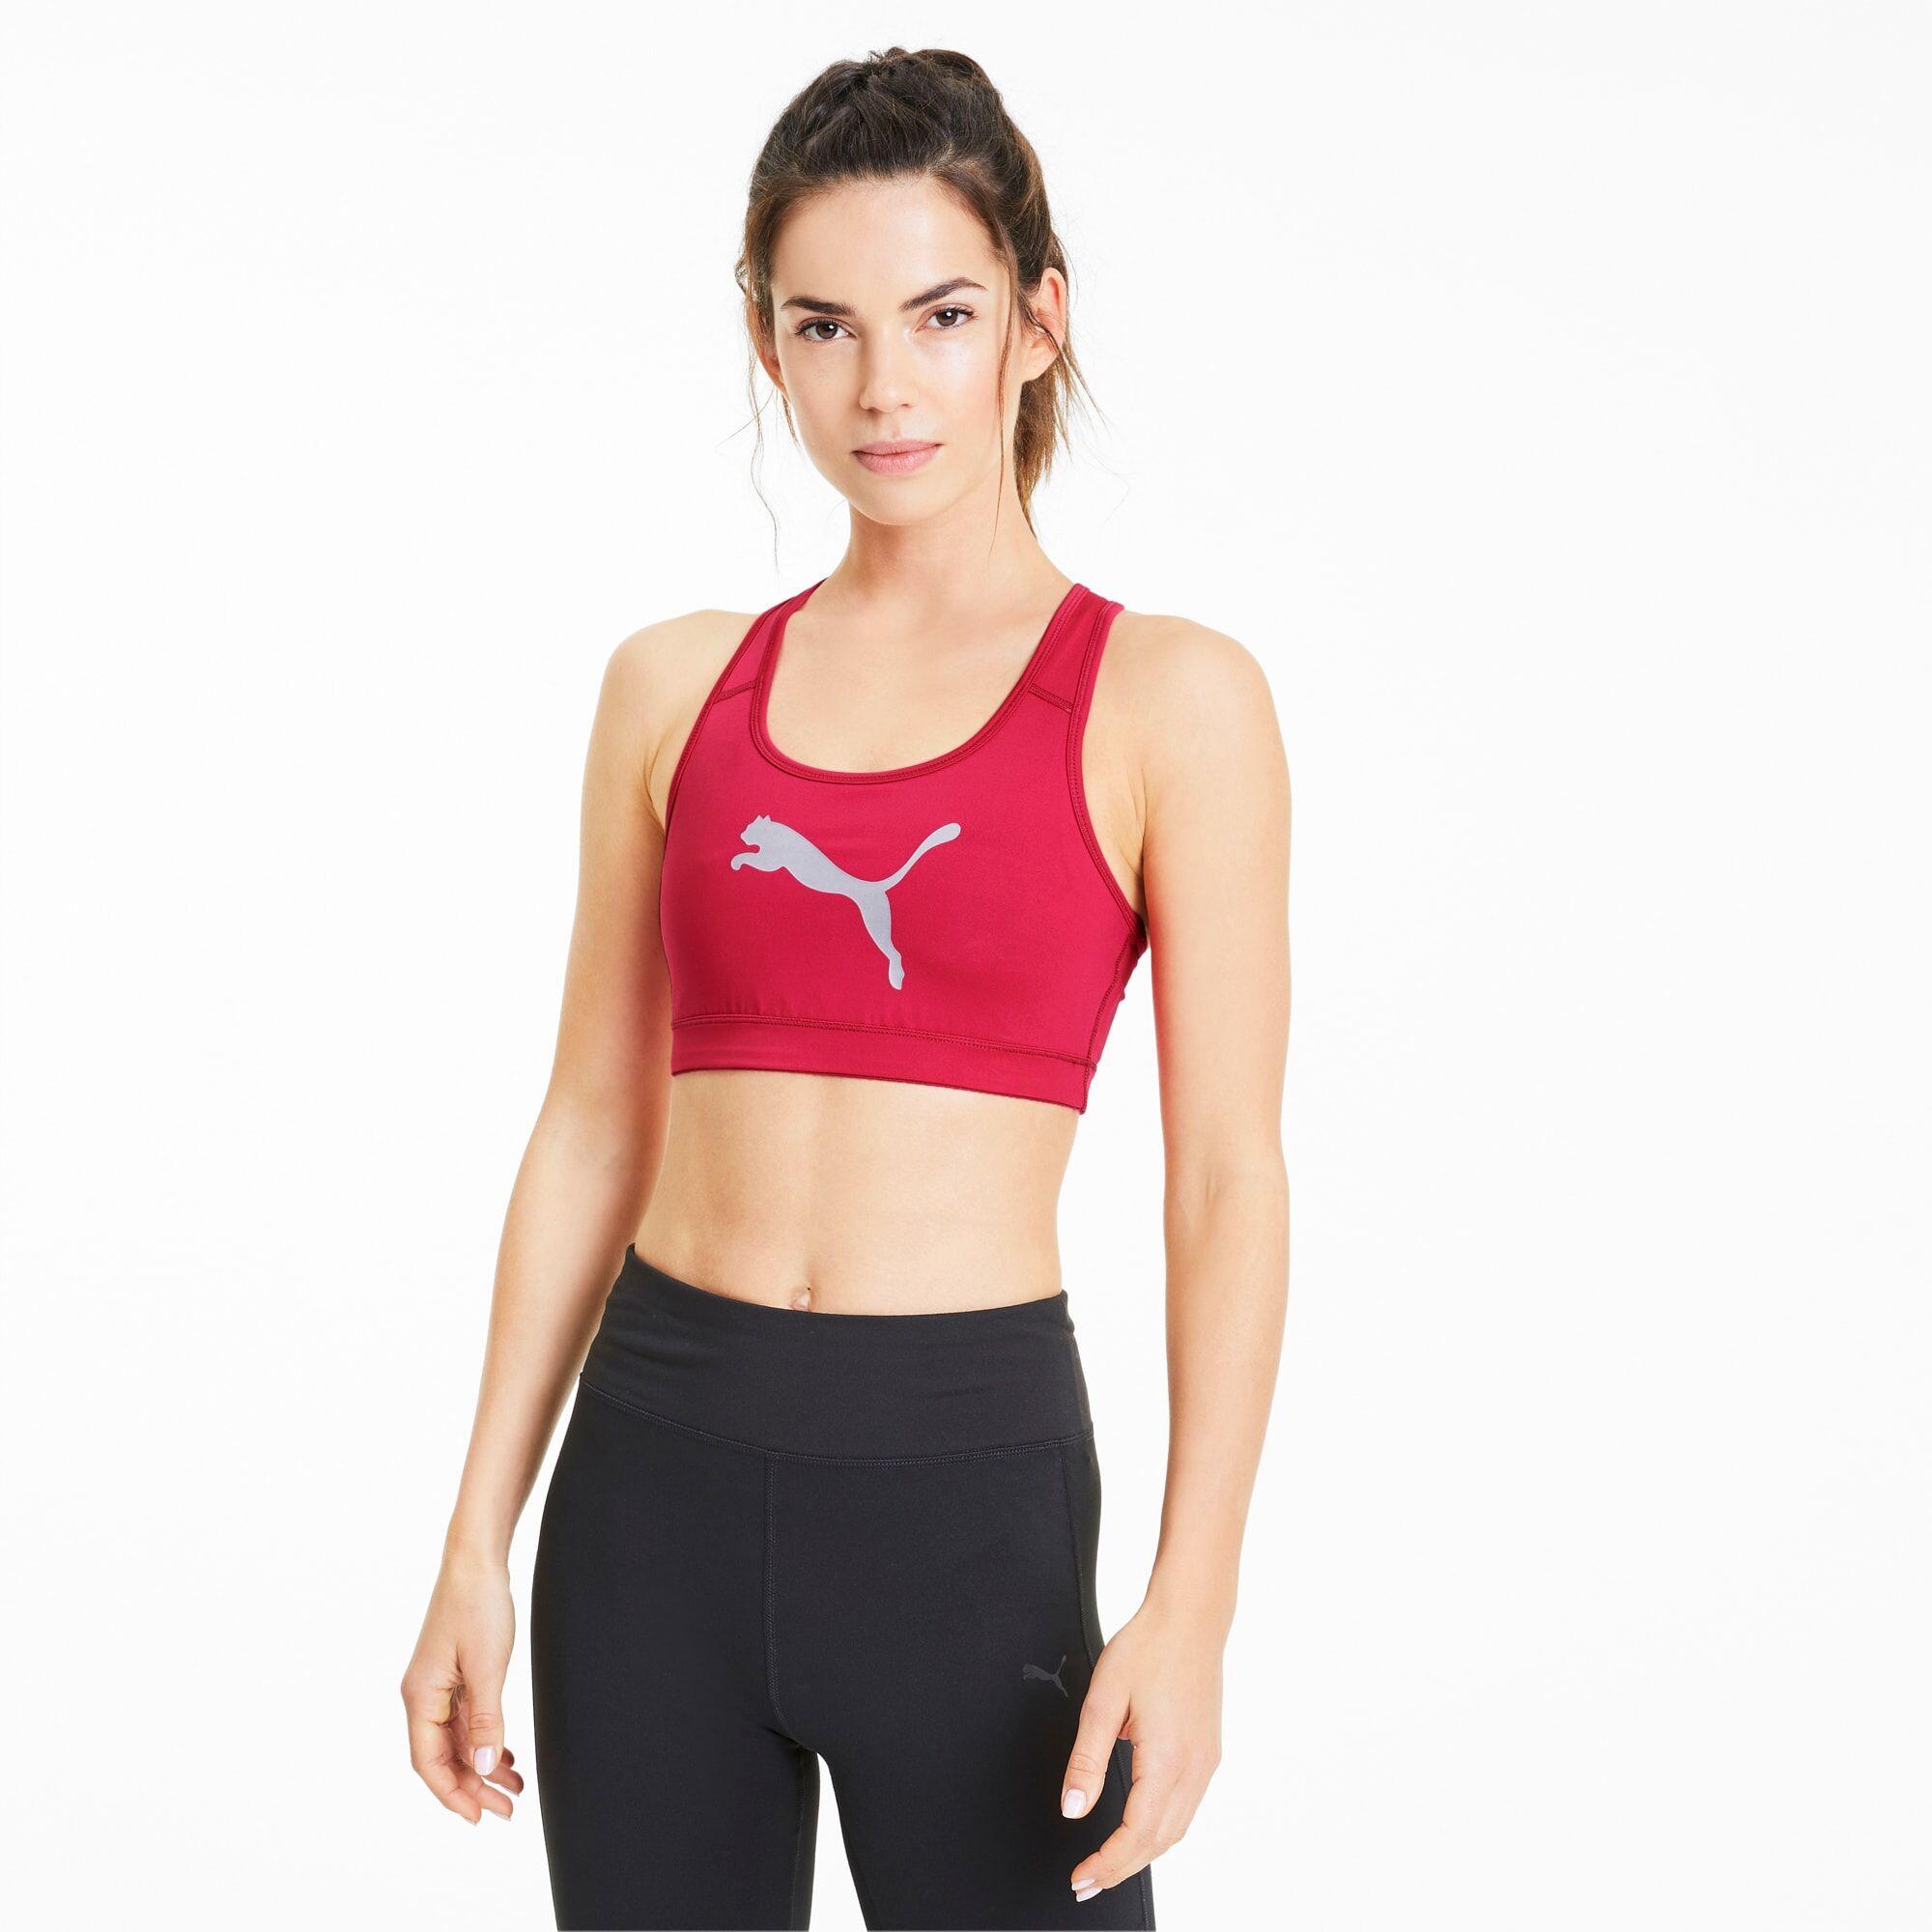 PUMA Soutien-gorge de sport 4Keeps pour Femme, Argent/Rose/Logo Chat, Taille XS, Vêtements